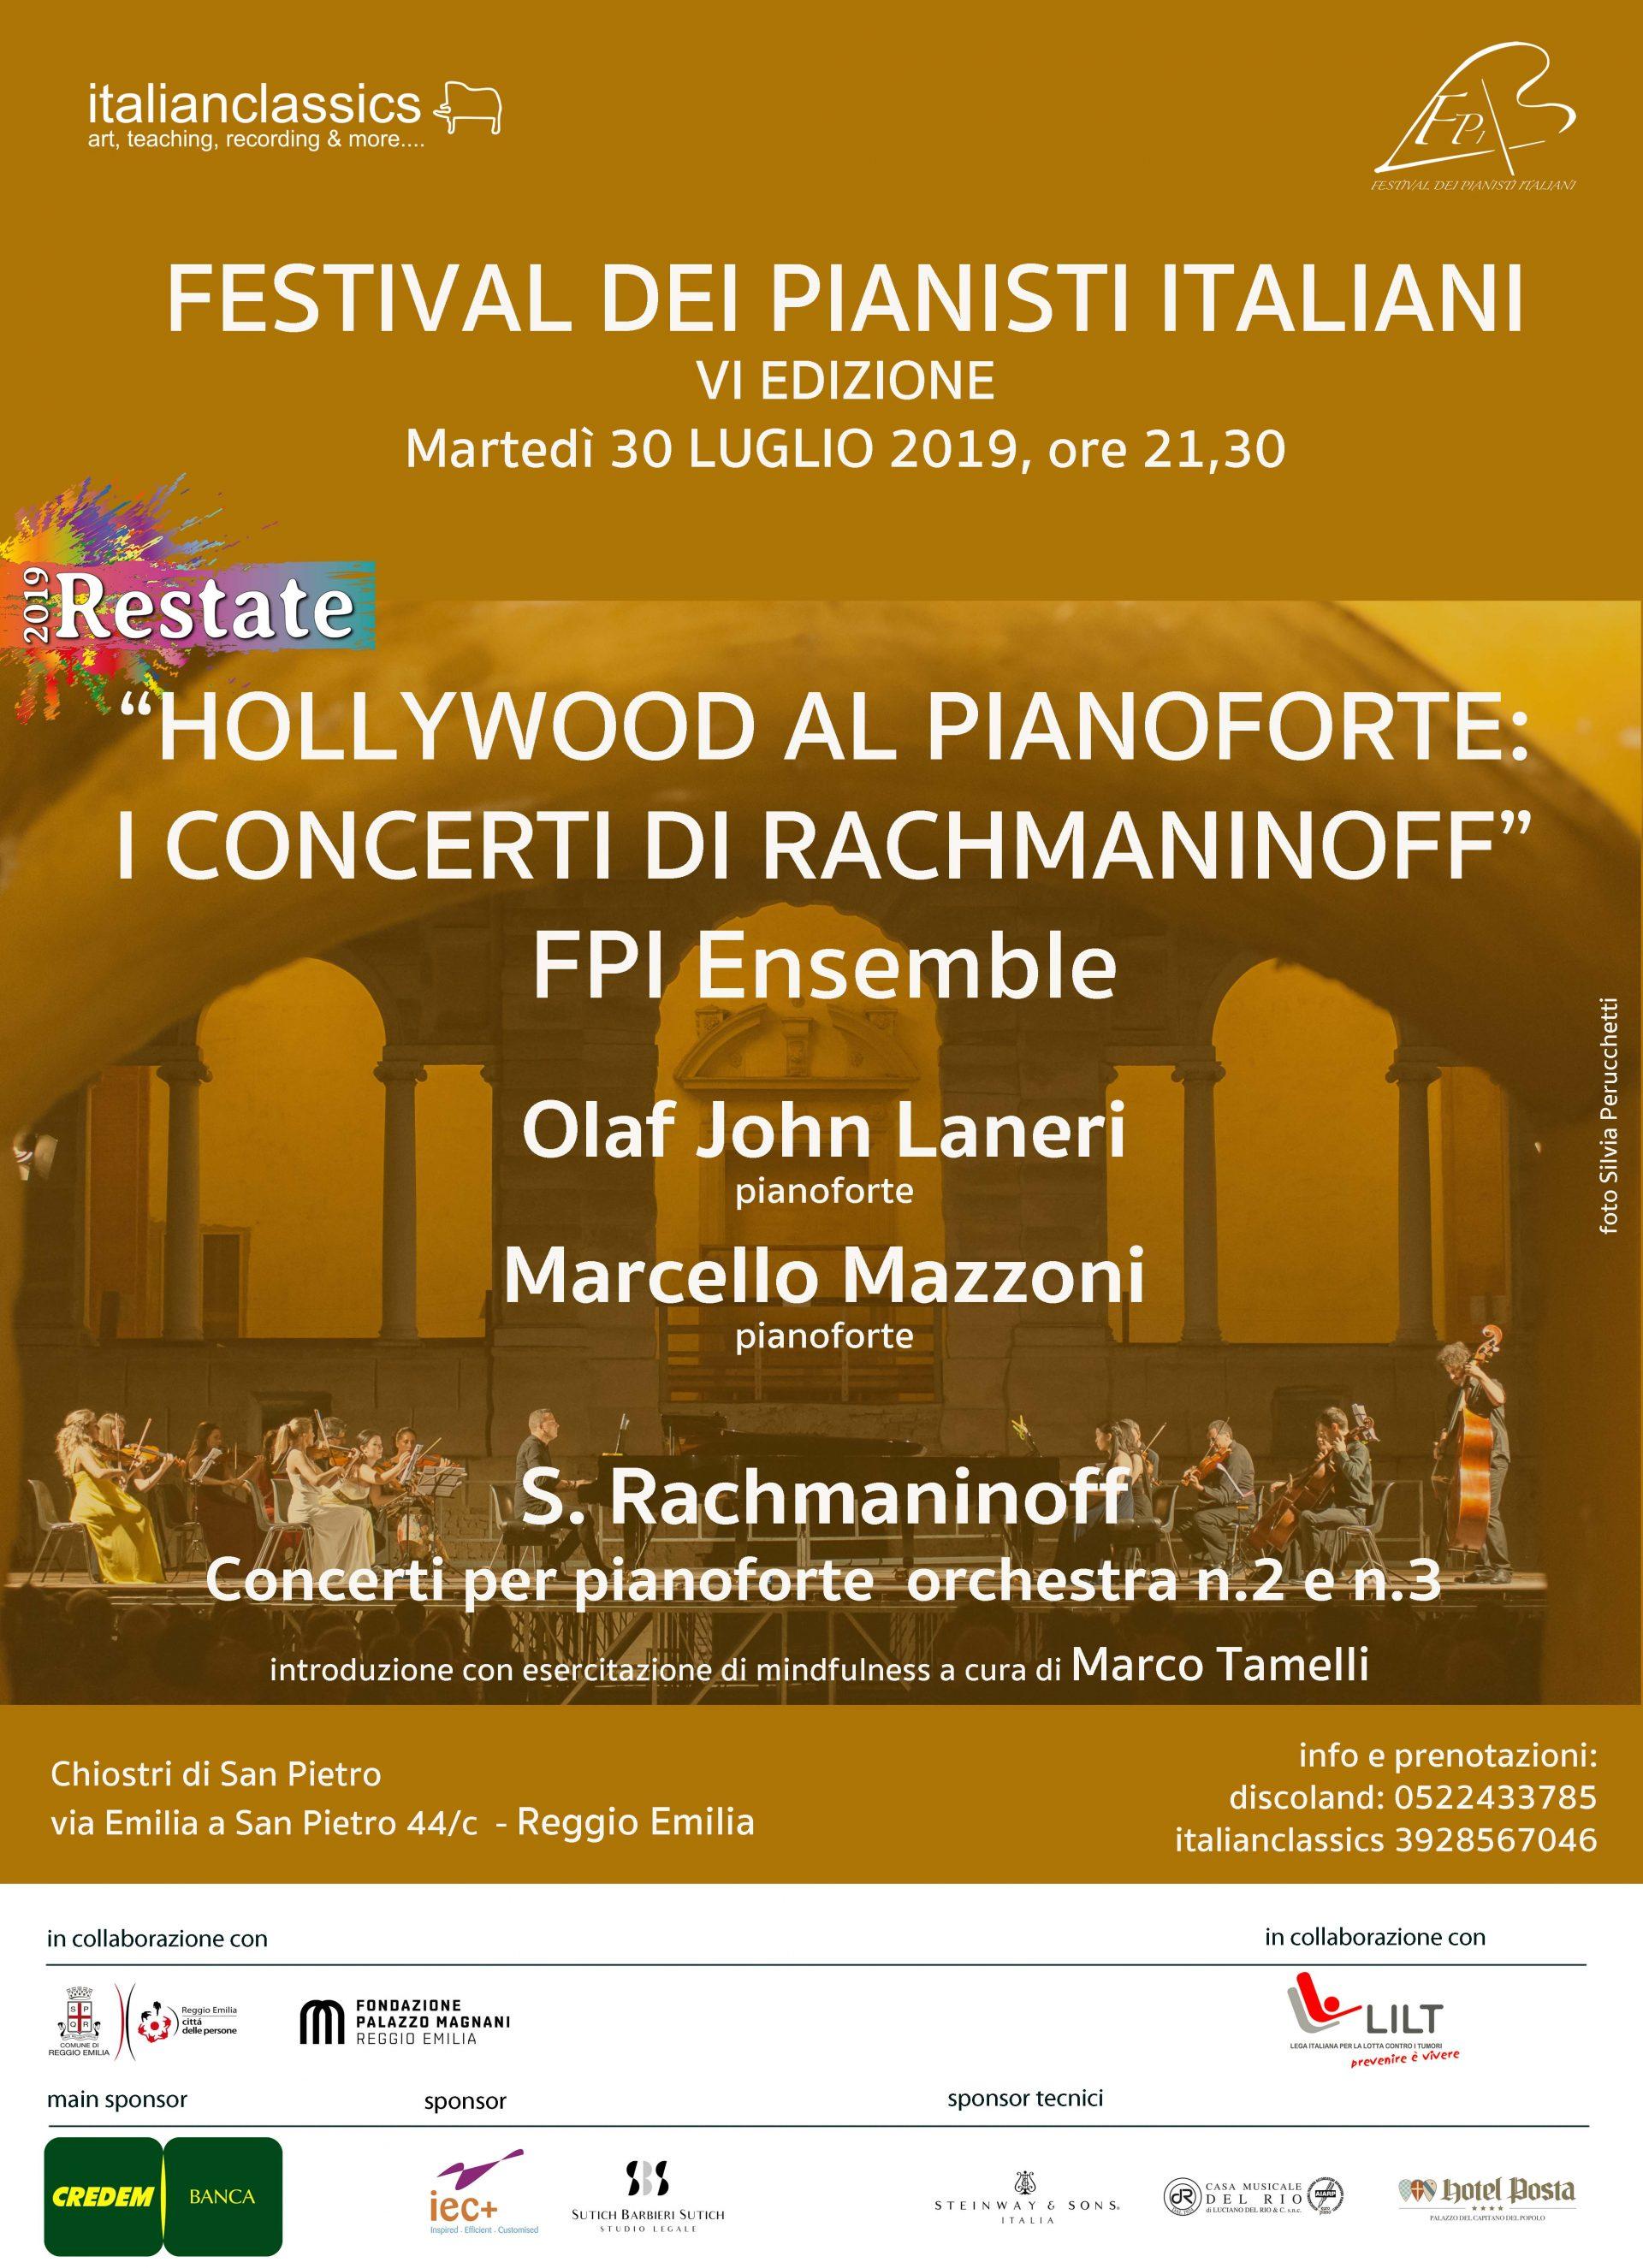 """30 luglio 2019 – Concerto """"Hollywood al pianoforte: I Concerti di Rachmaninoff"""" – Chiostri di San Pietro – Reggio Emilia (RE)"""